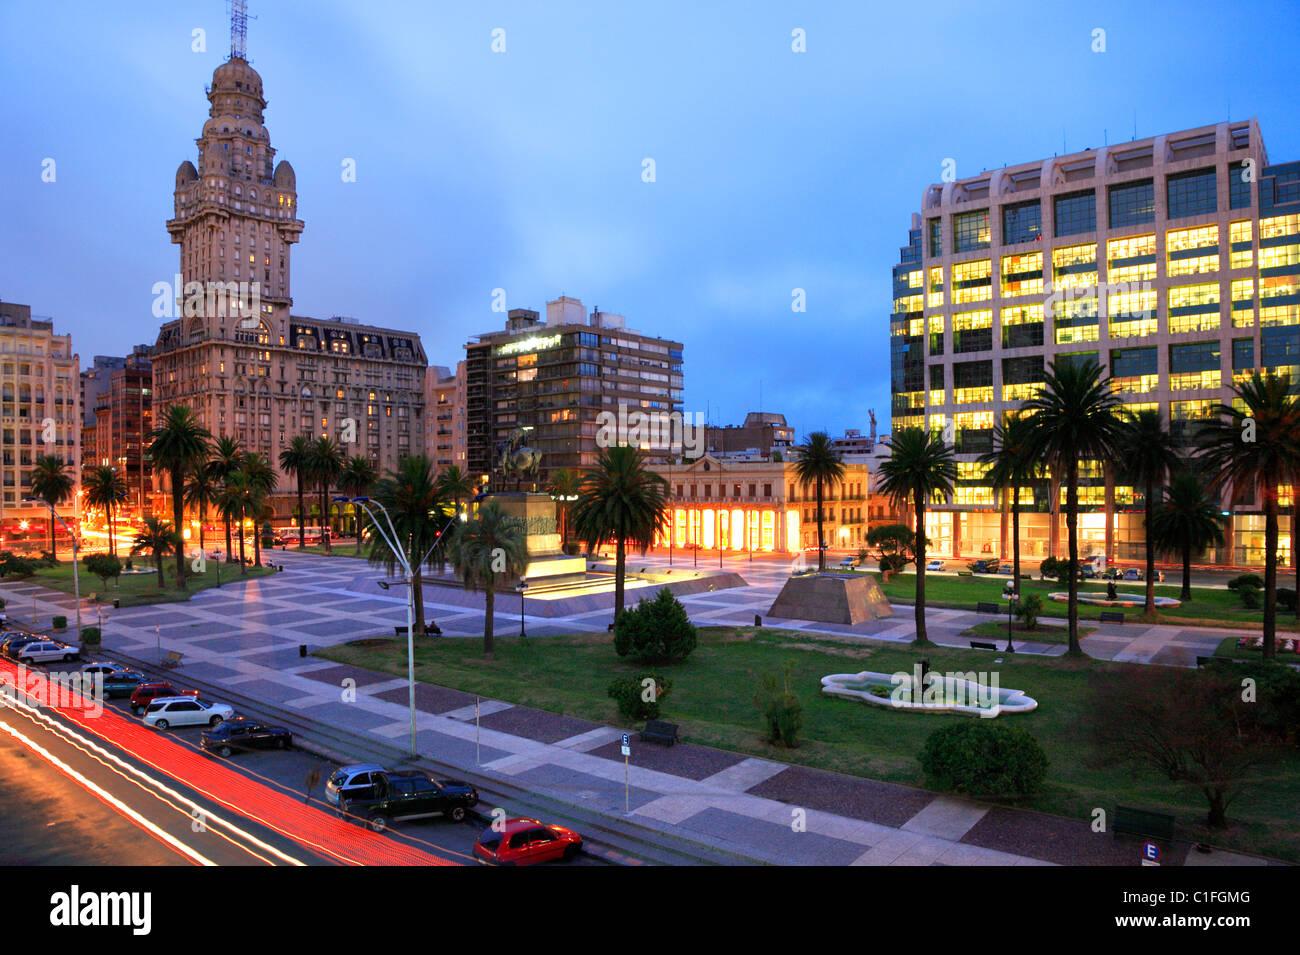 La 'Plaza Independencia' square, avec palais Salvo et Bâtiment du gouvernement présidentiel à Photo Stock